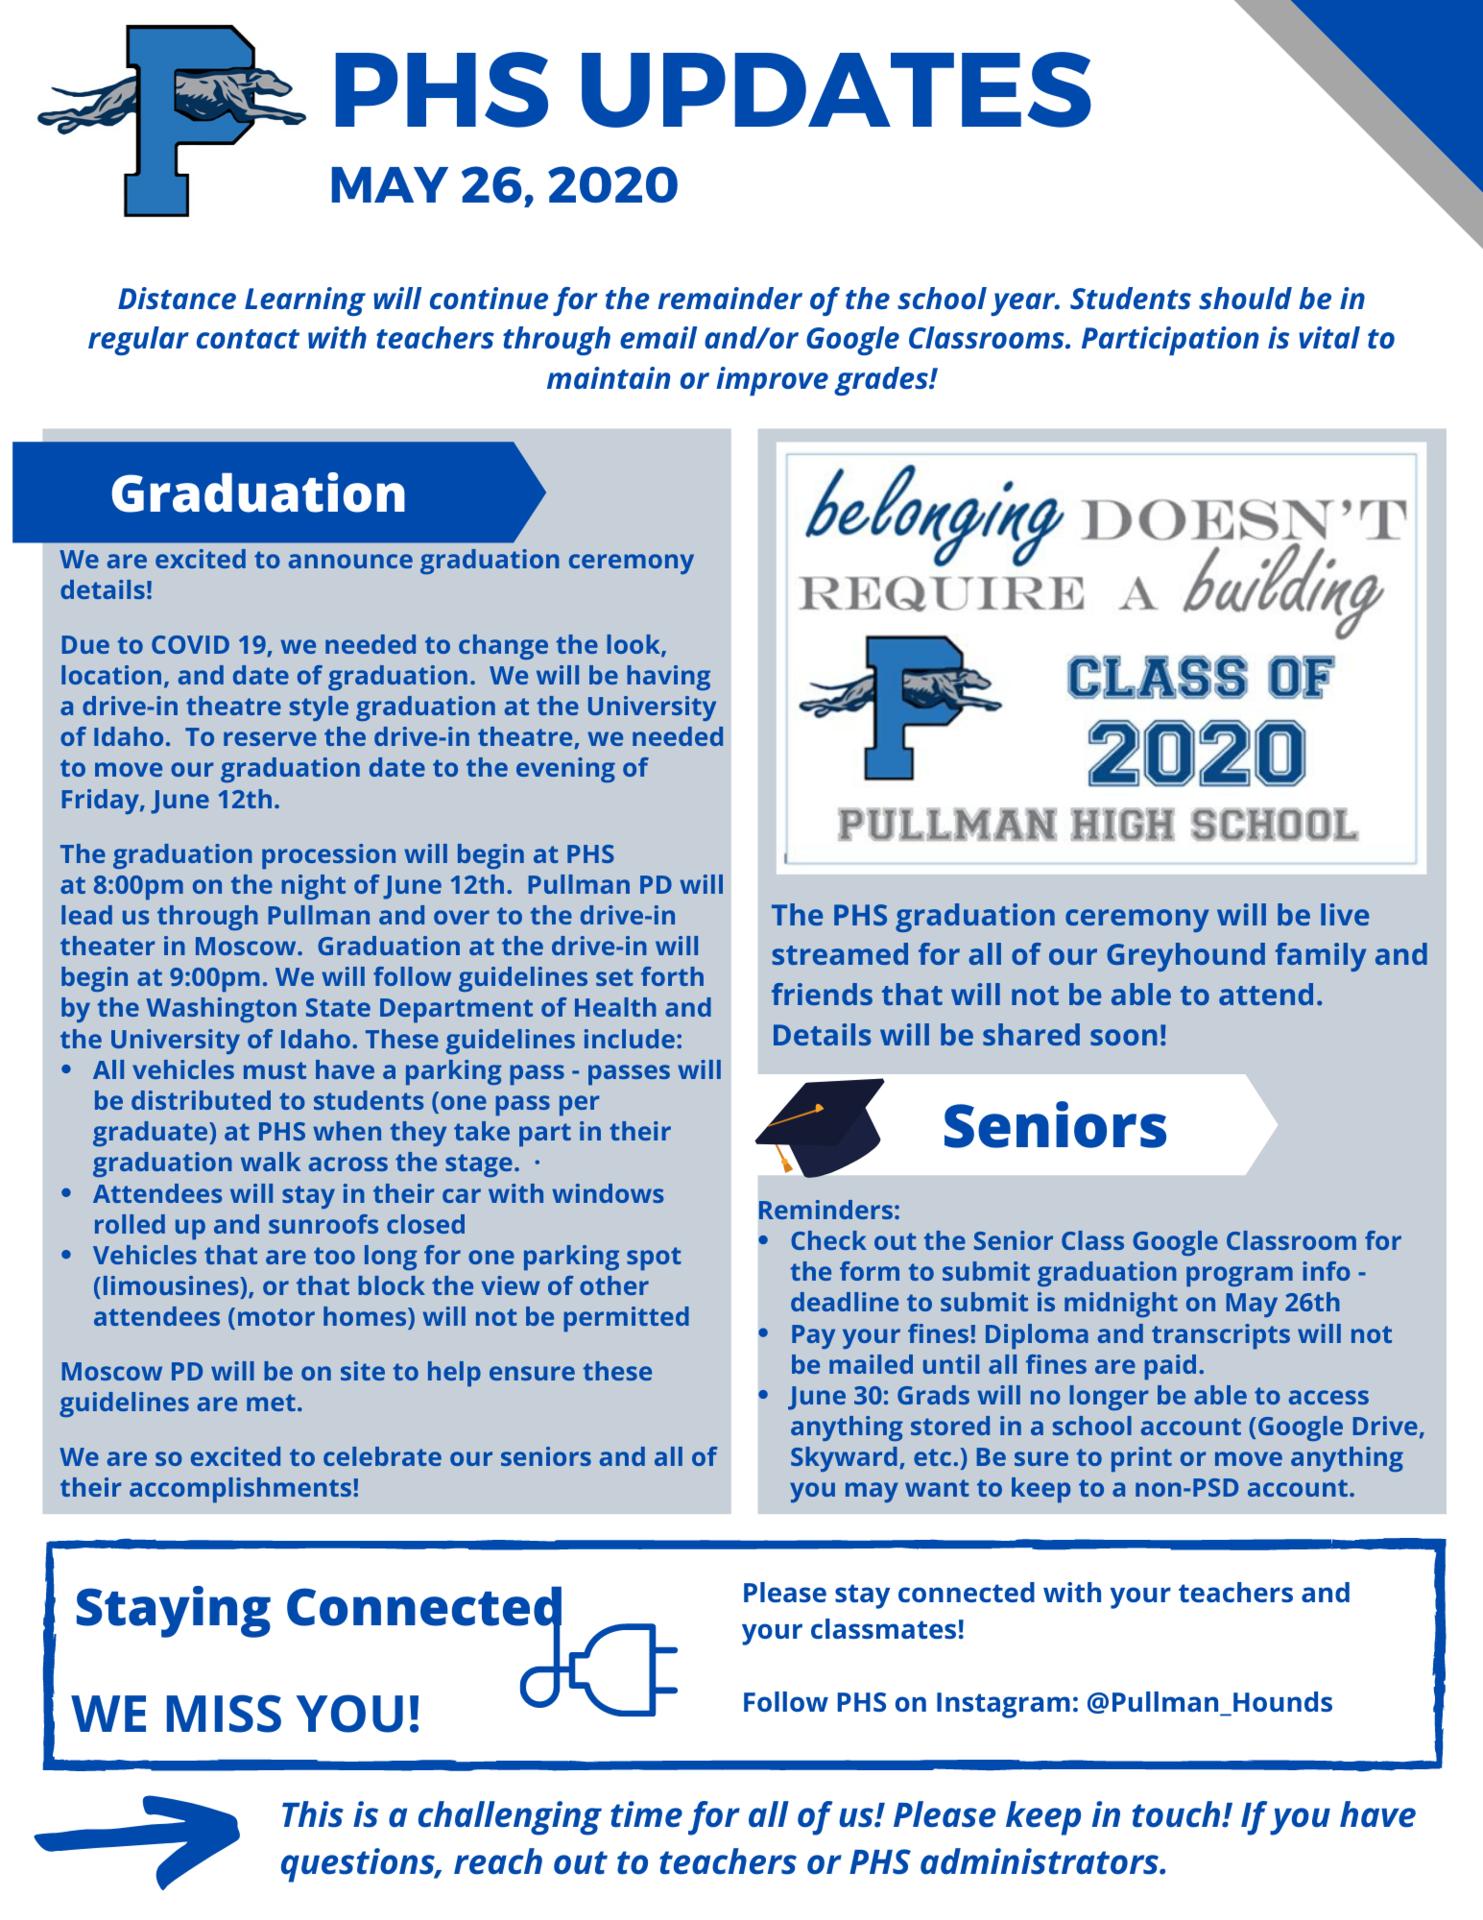 PHS Updates May 26, 2020